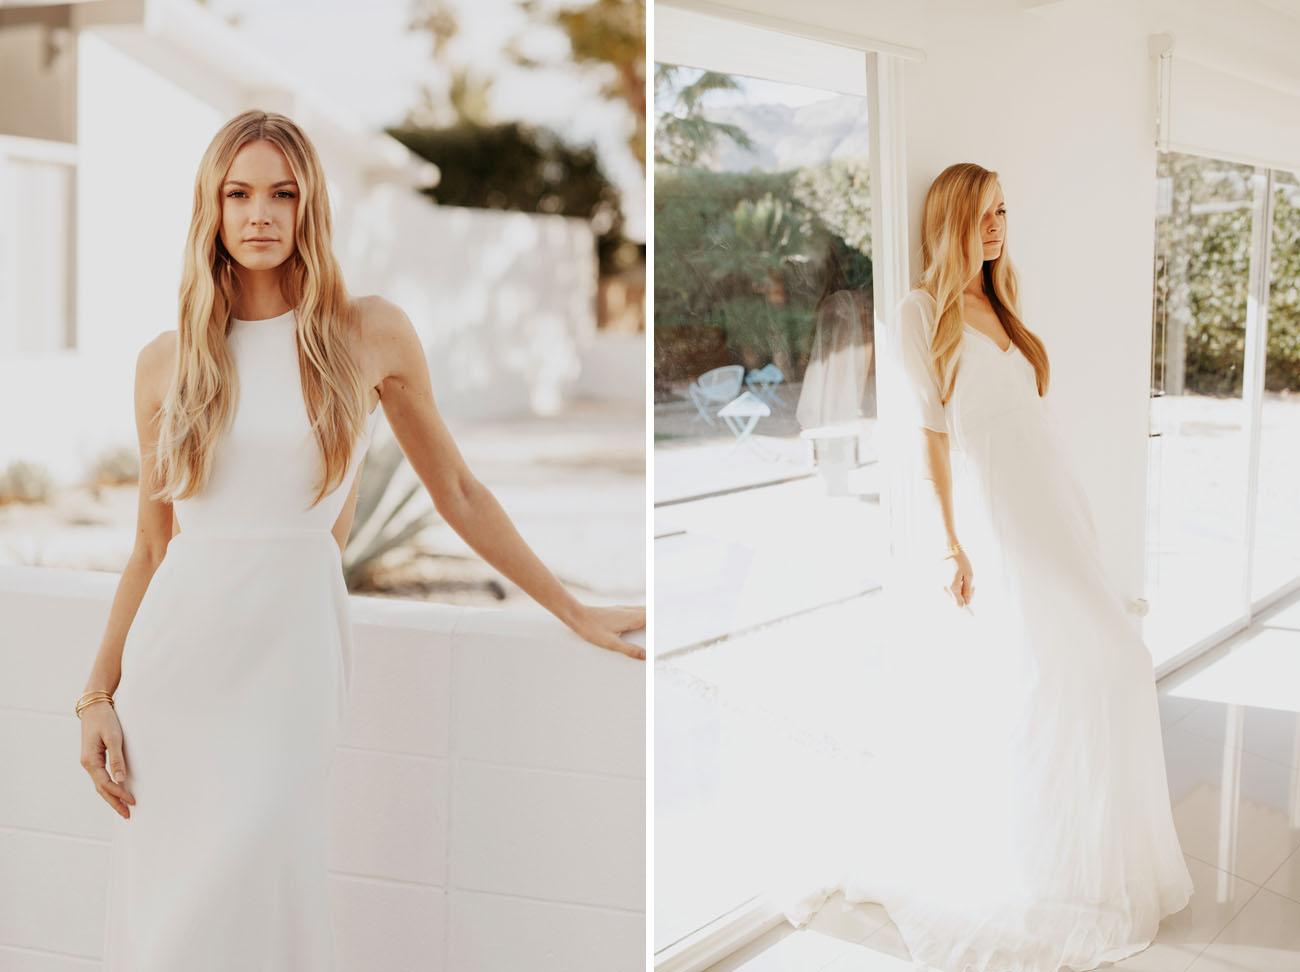 Коллекция свадебных платьев Sarah Seven весна 2017